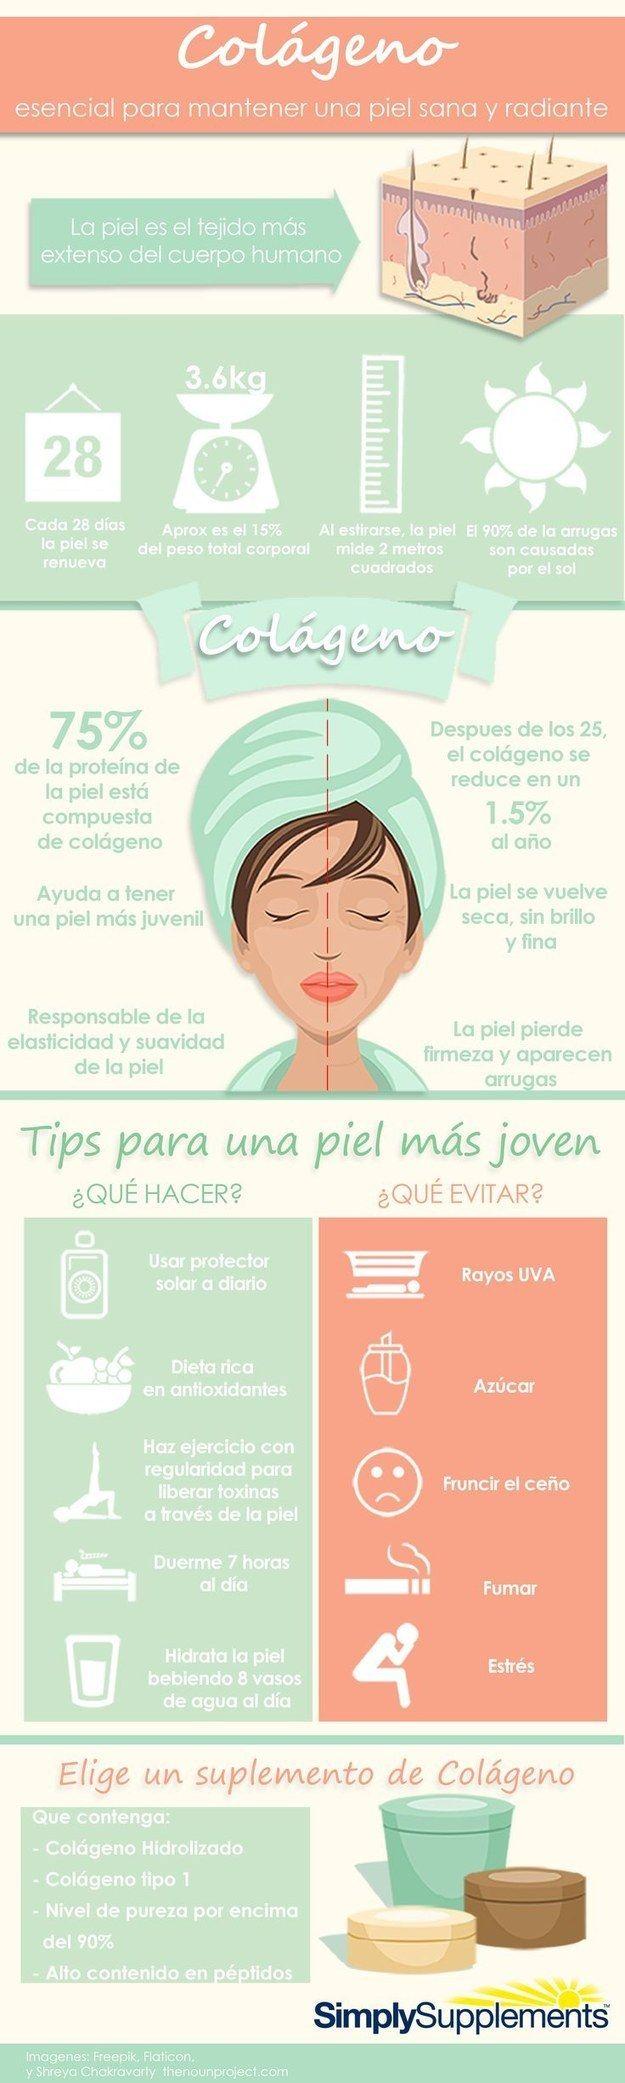 La importancia del colágeno y cómo hacer para que tu piel no envejezca: